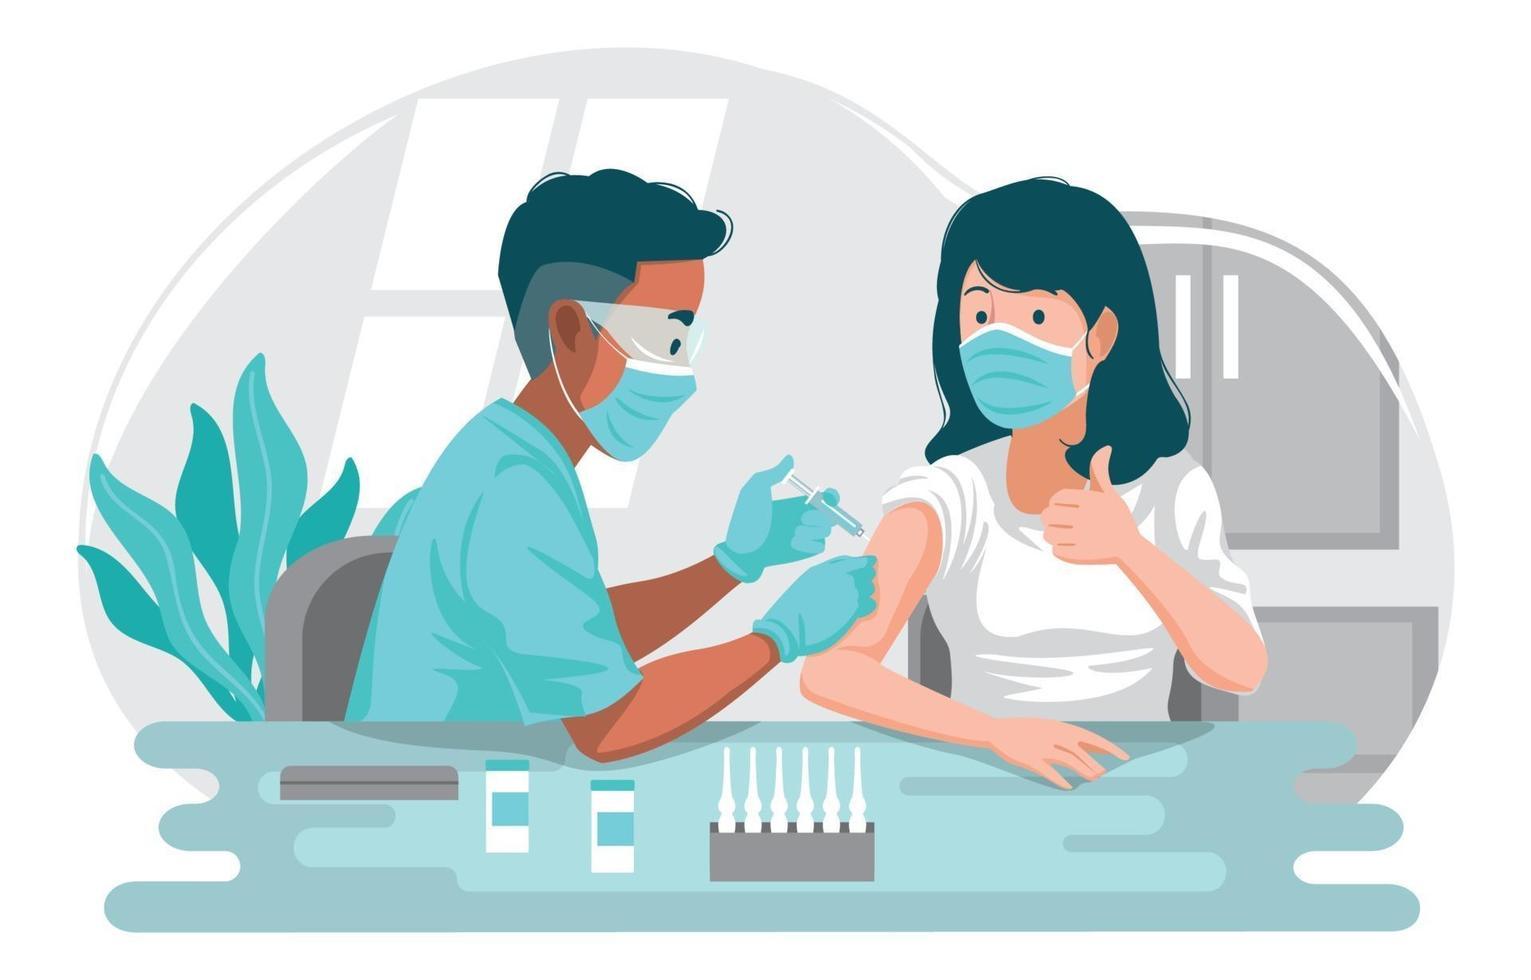 vrouwelijke patiënt tijdens injectie van het coronavirusvaccin vector